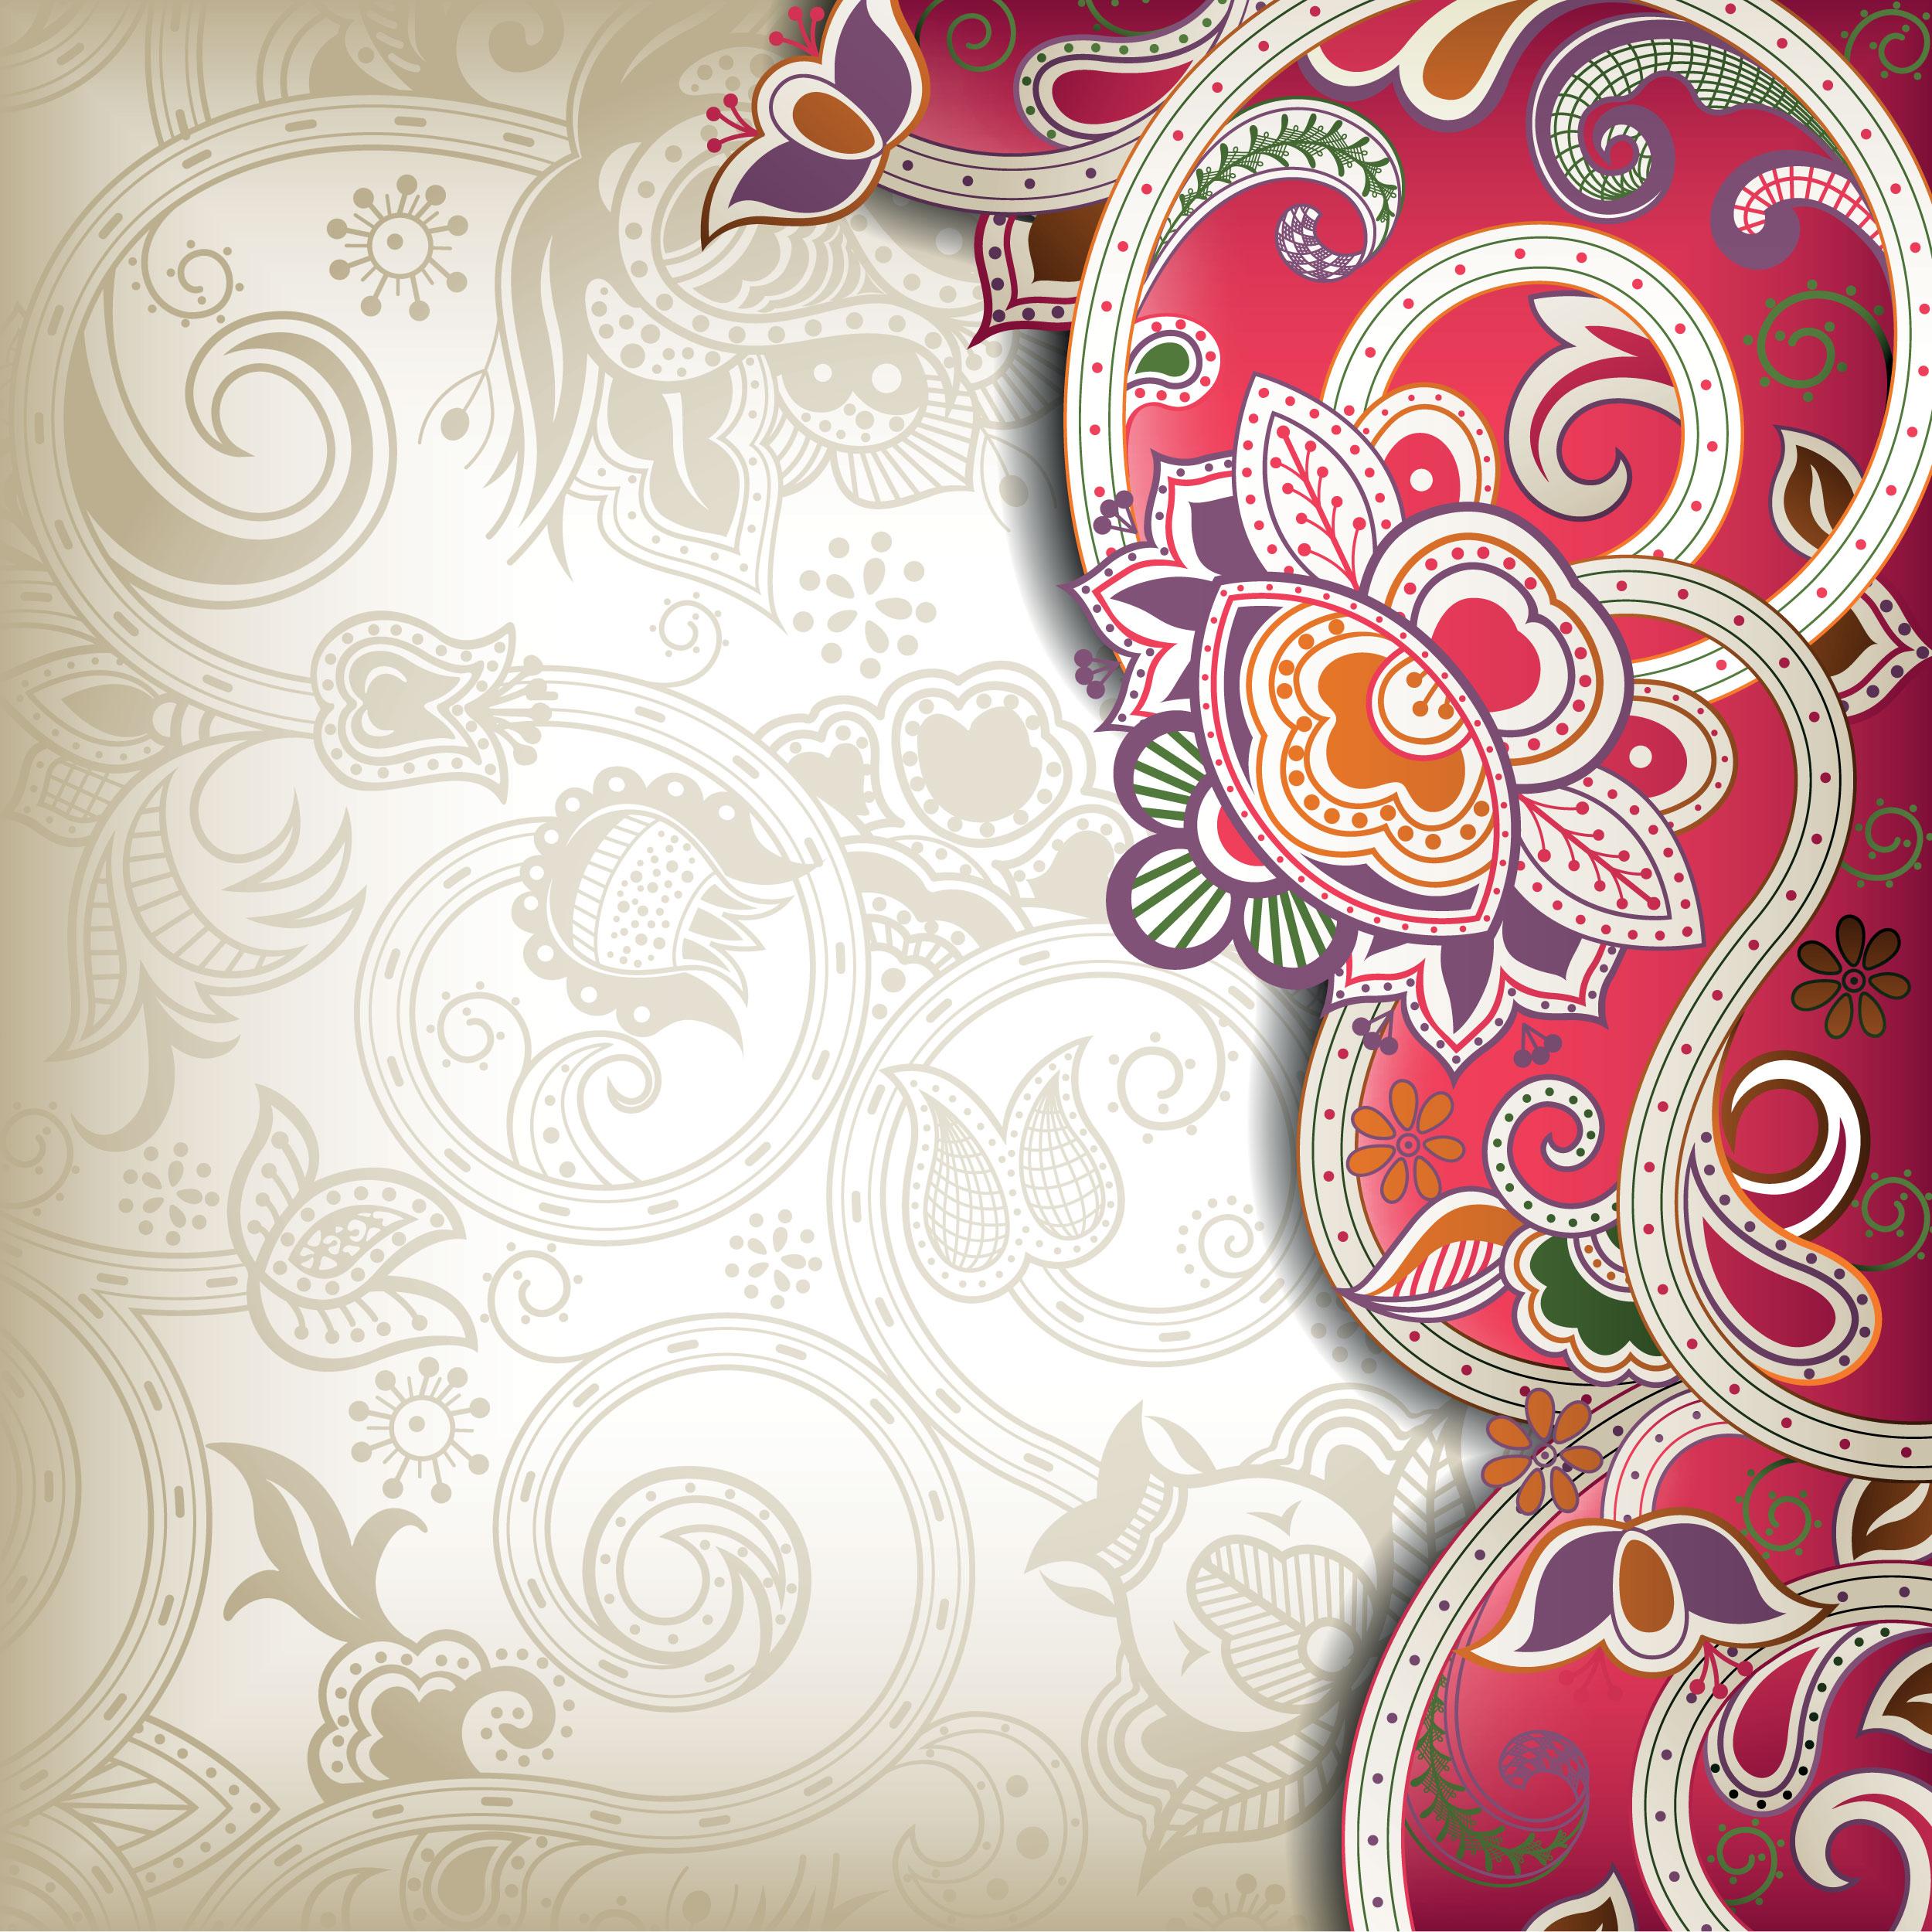 花のイラスト フリー素材 壁紙 背景no 648 茎葉模様 装飾 赤